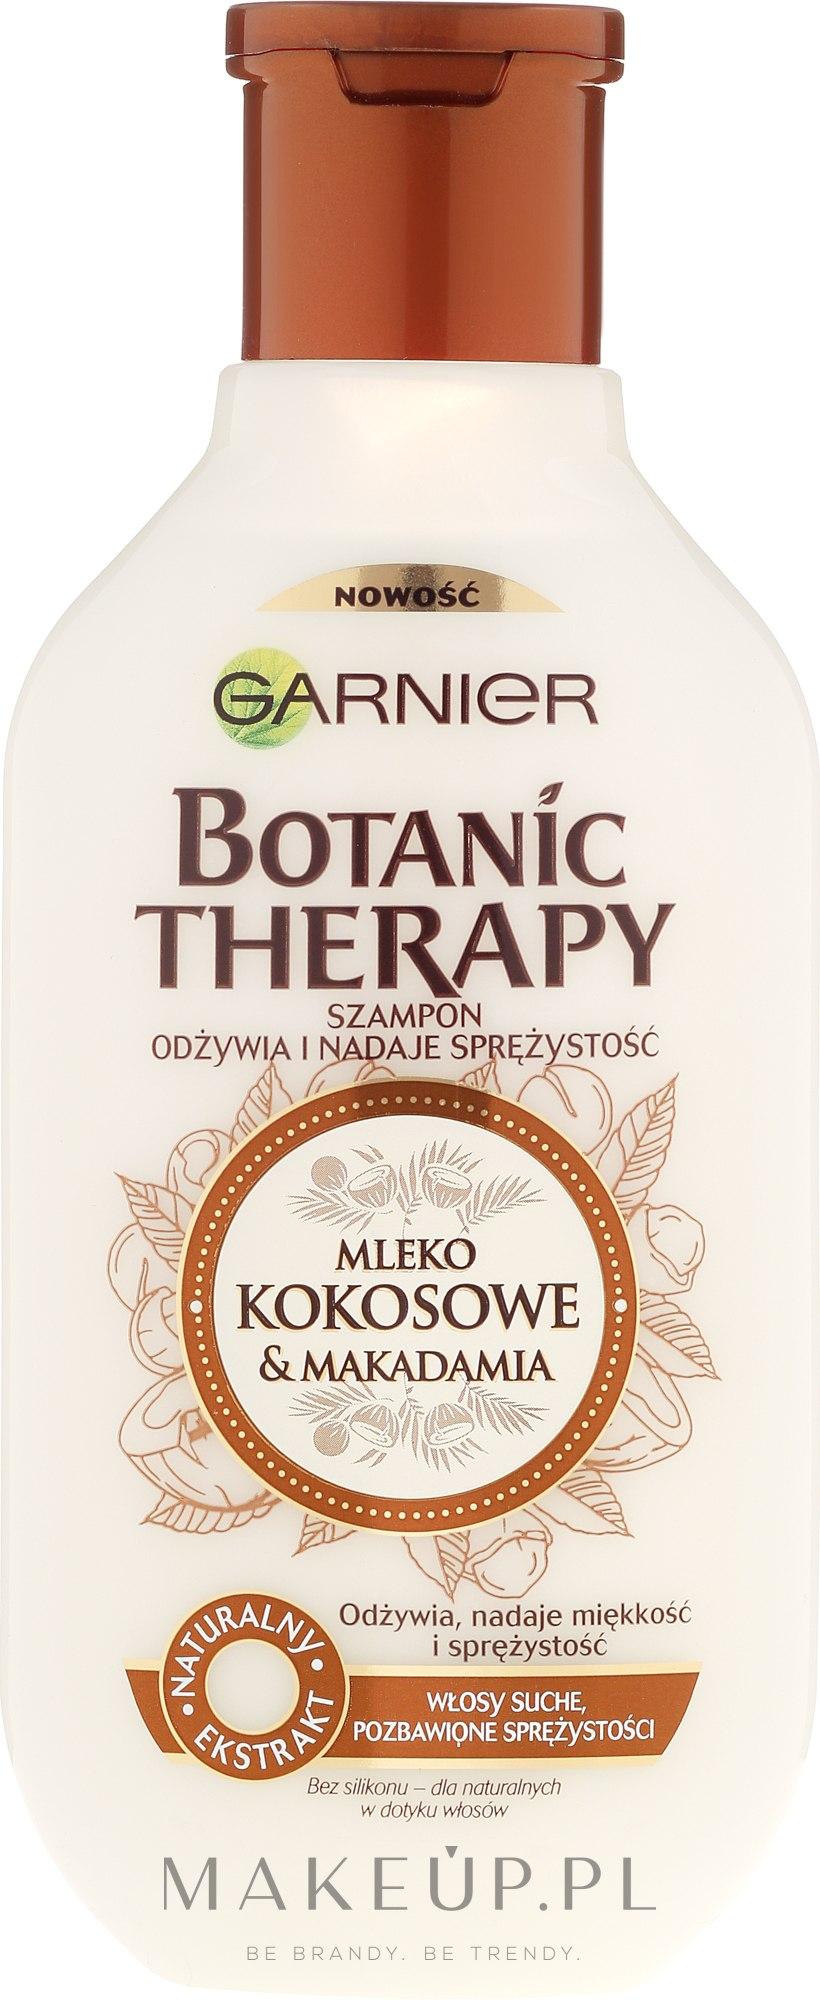 Szampon odżywiający i nadający sprężystość włosom suchym Mleko kokosowe i olej makadamia - Garnier Botanic Therapy Coconut Milk & Macadamia Shampoo — фото 250 ml